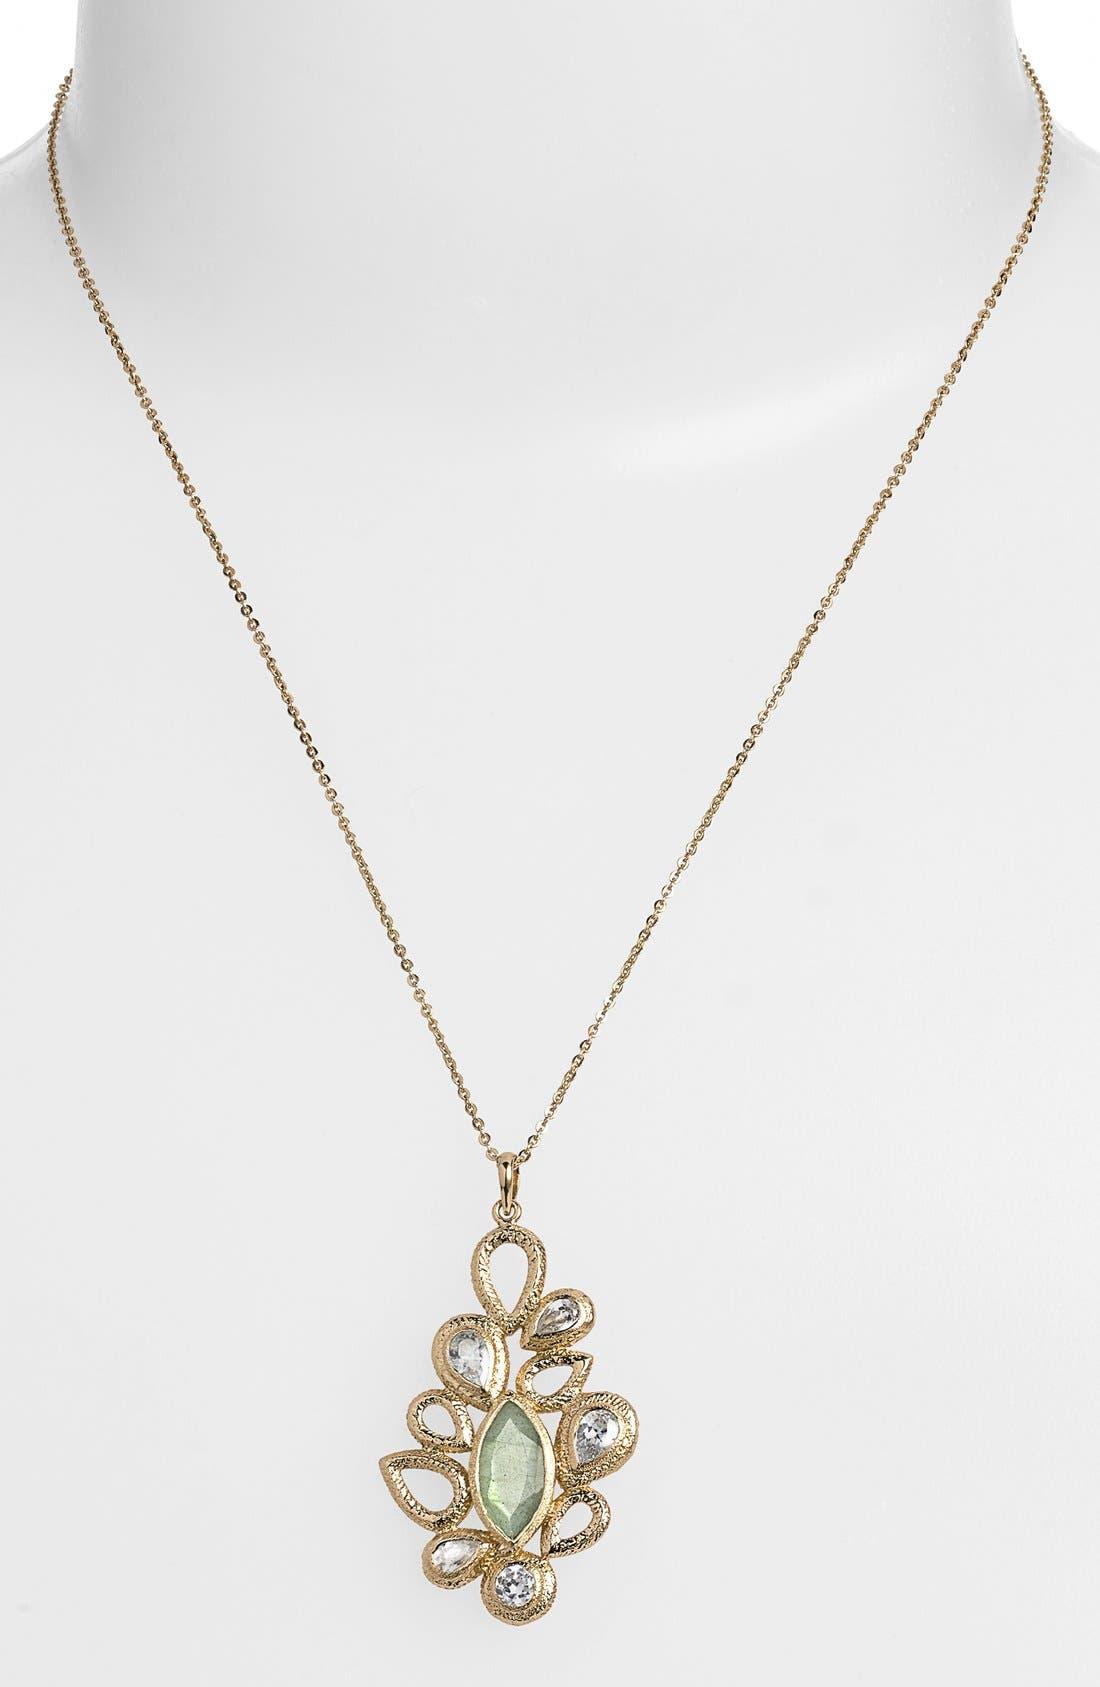 Alternate Image 1 Selected - Melinda Maria 'Theo' Pod Pendant Necklace